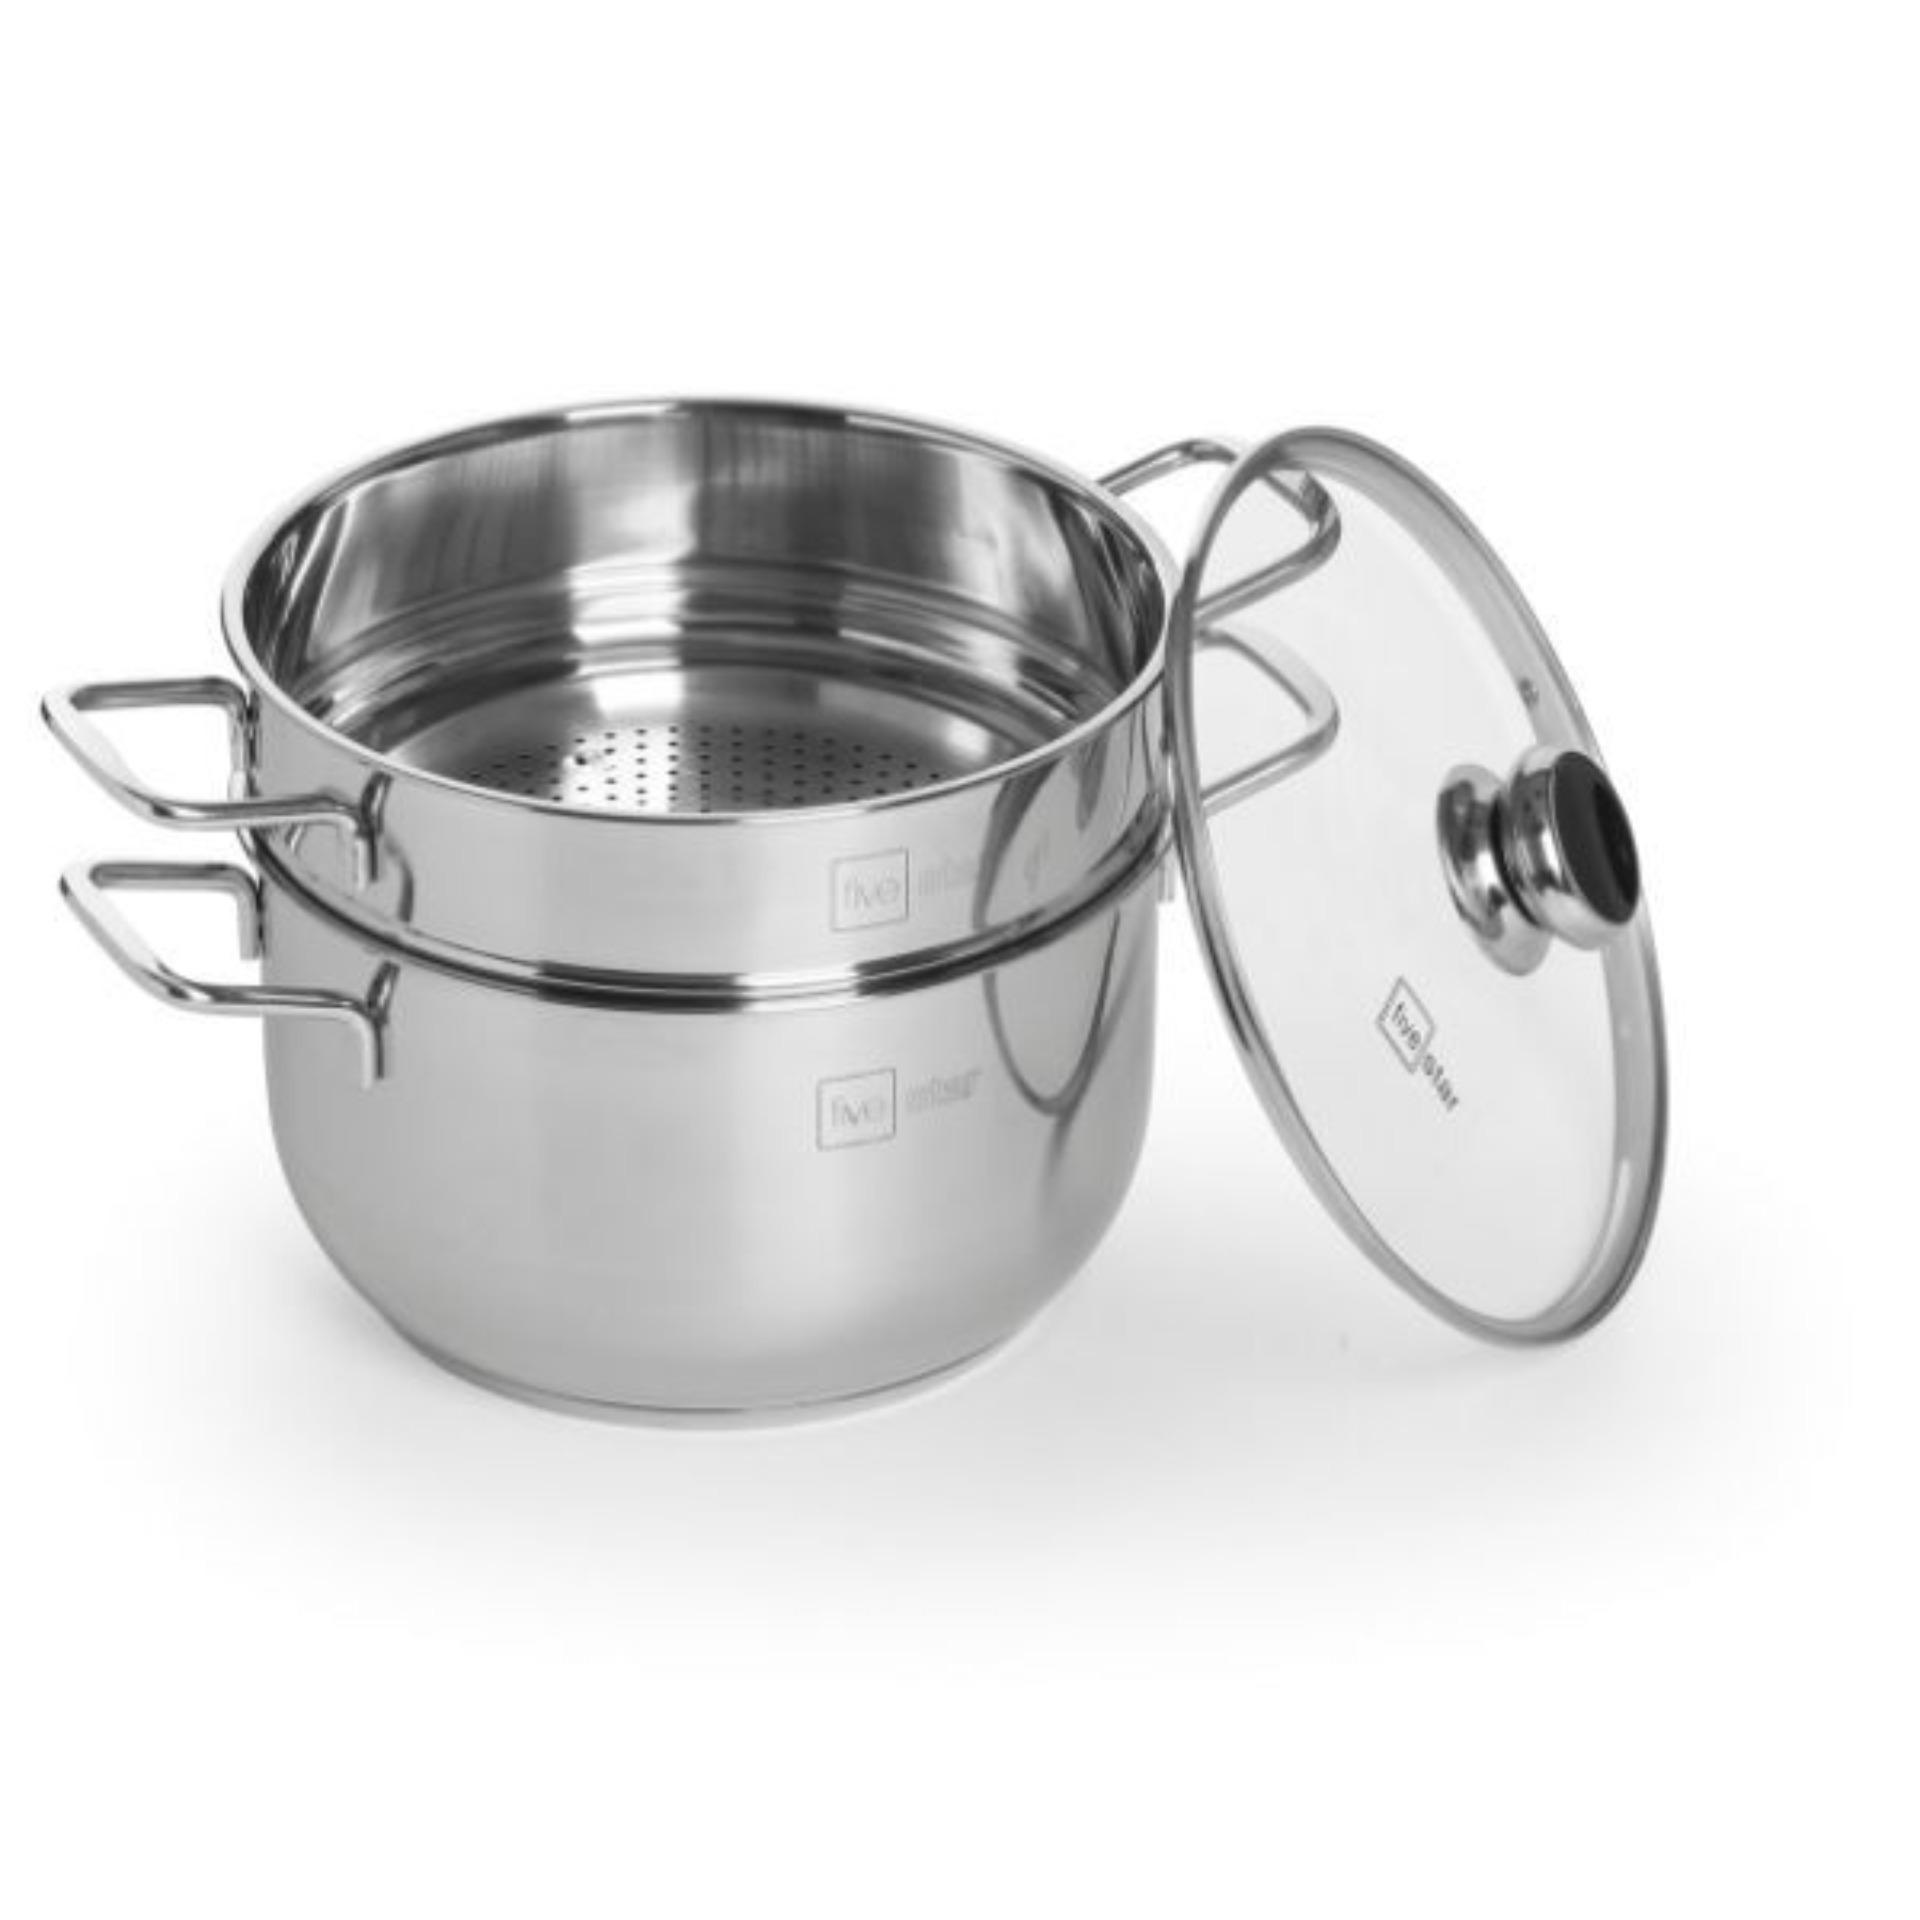 Bộ xửng hấp 3 đáy inox 430 FiveStar Standard  bếp từ nắp kính tặng 5 muỗng ăn ( 24cm )- Shop Bếp Xinh